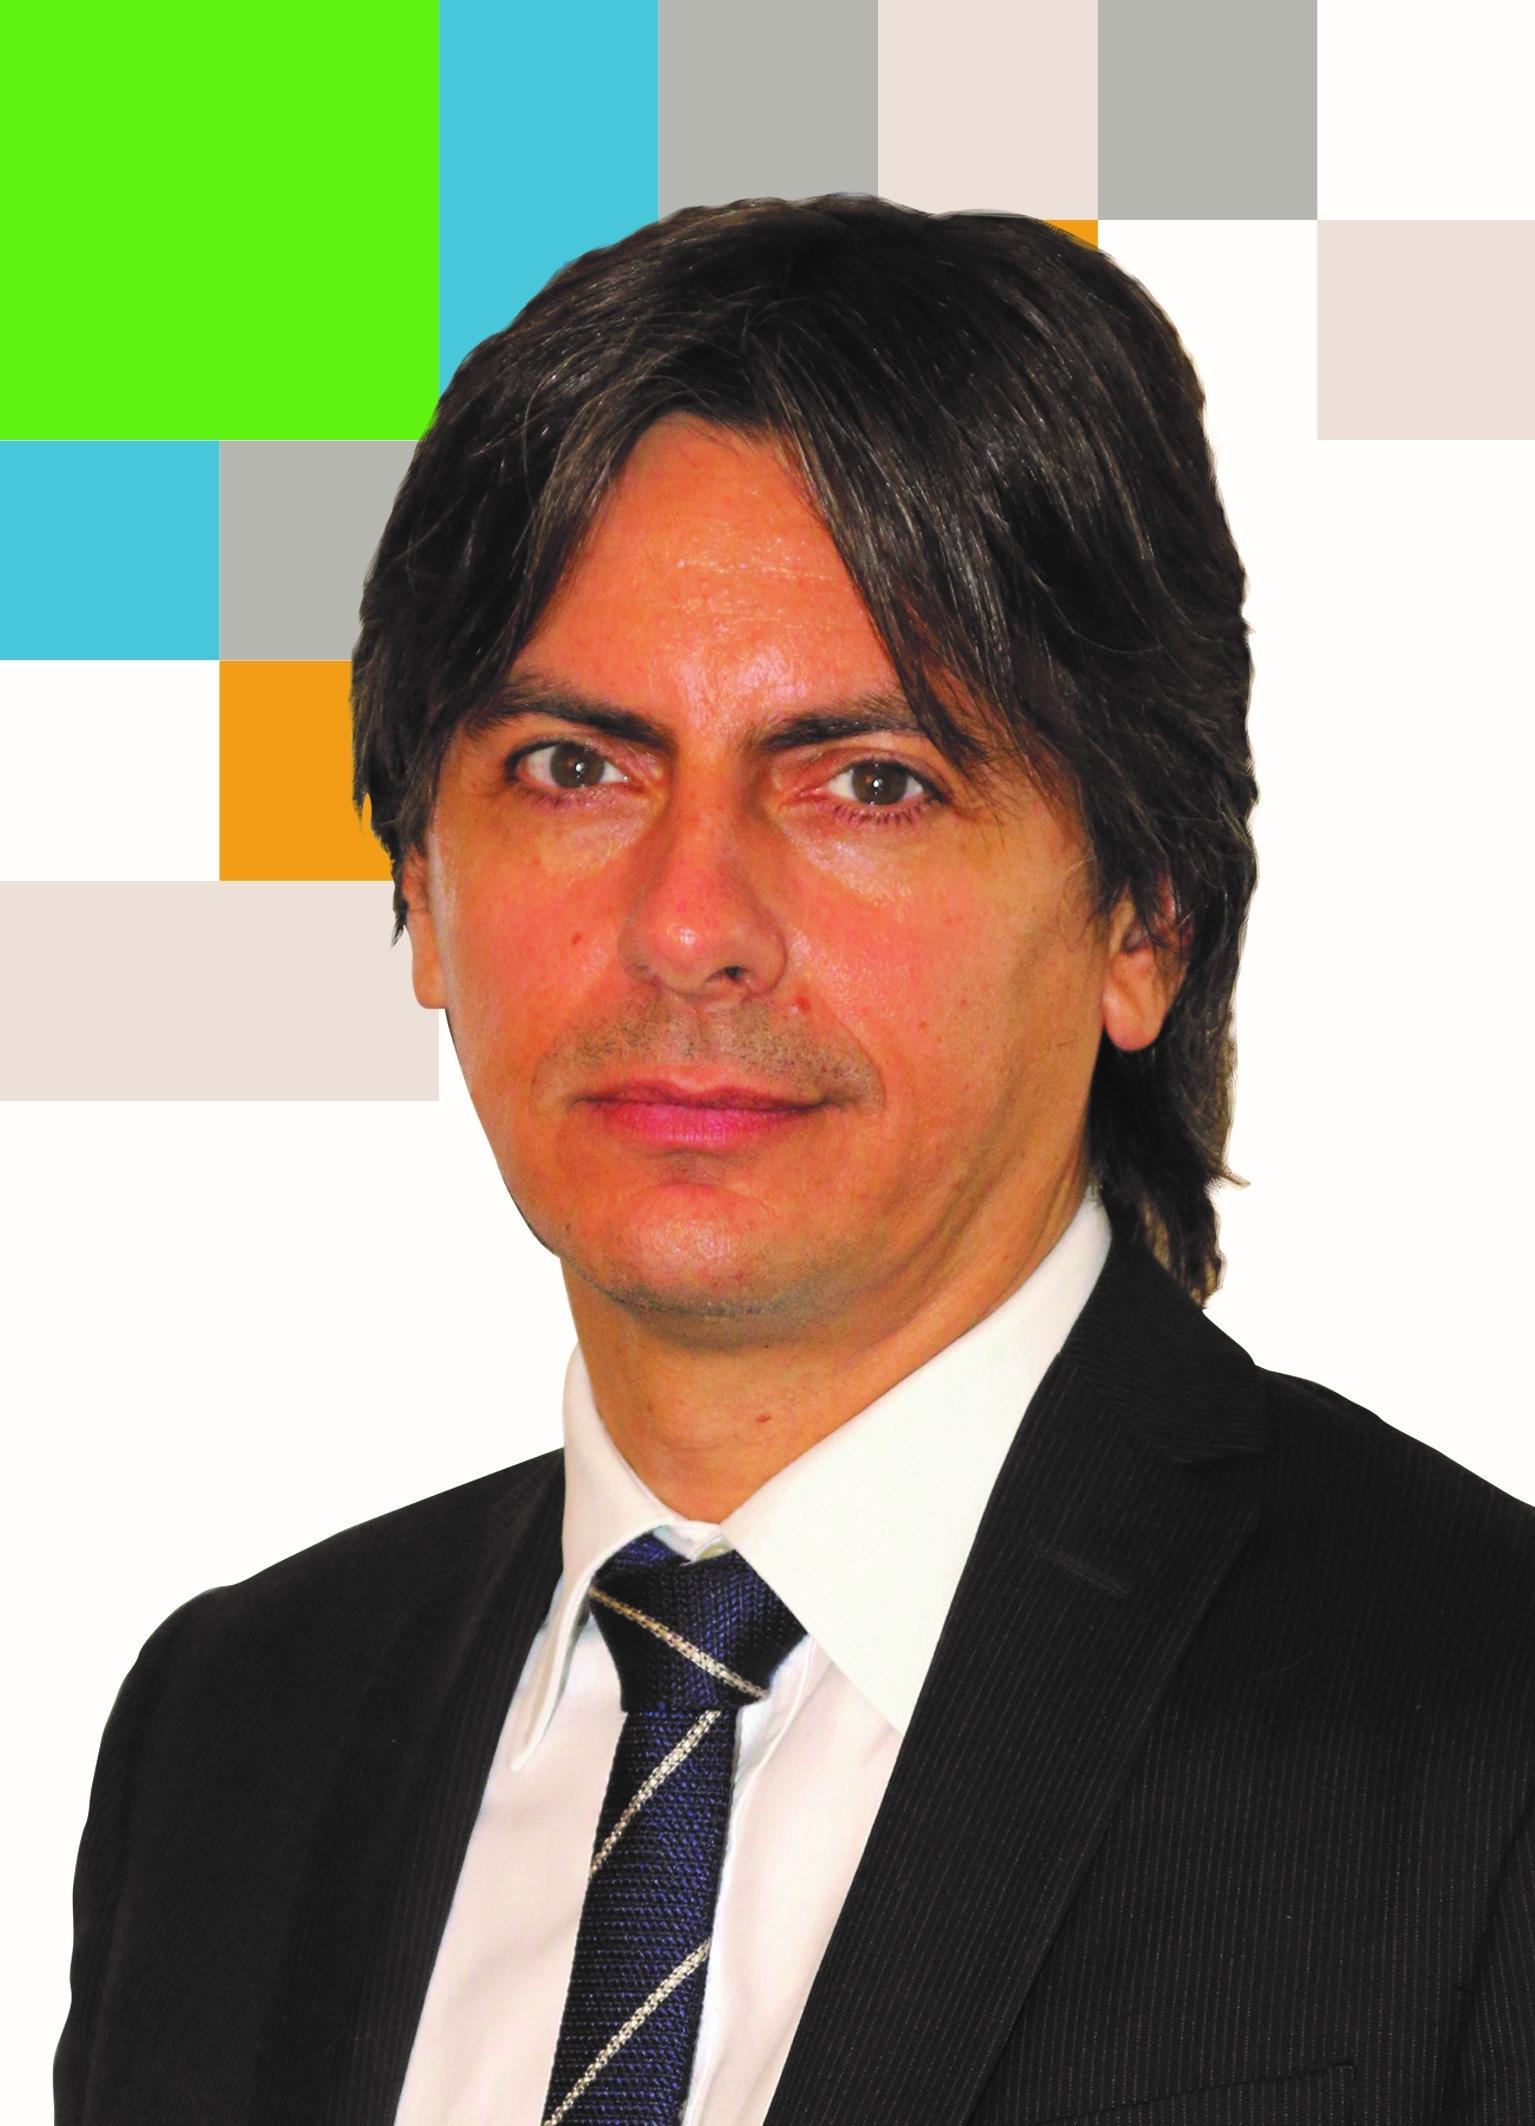 Denis Cassinerio, Security BU Director di Hitachi Systems CBT